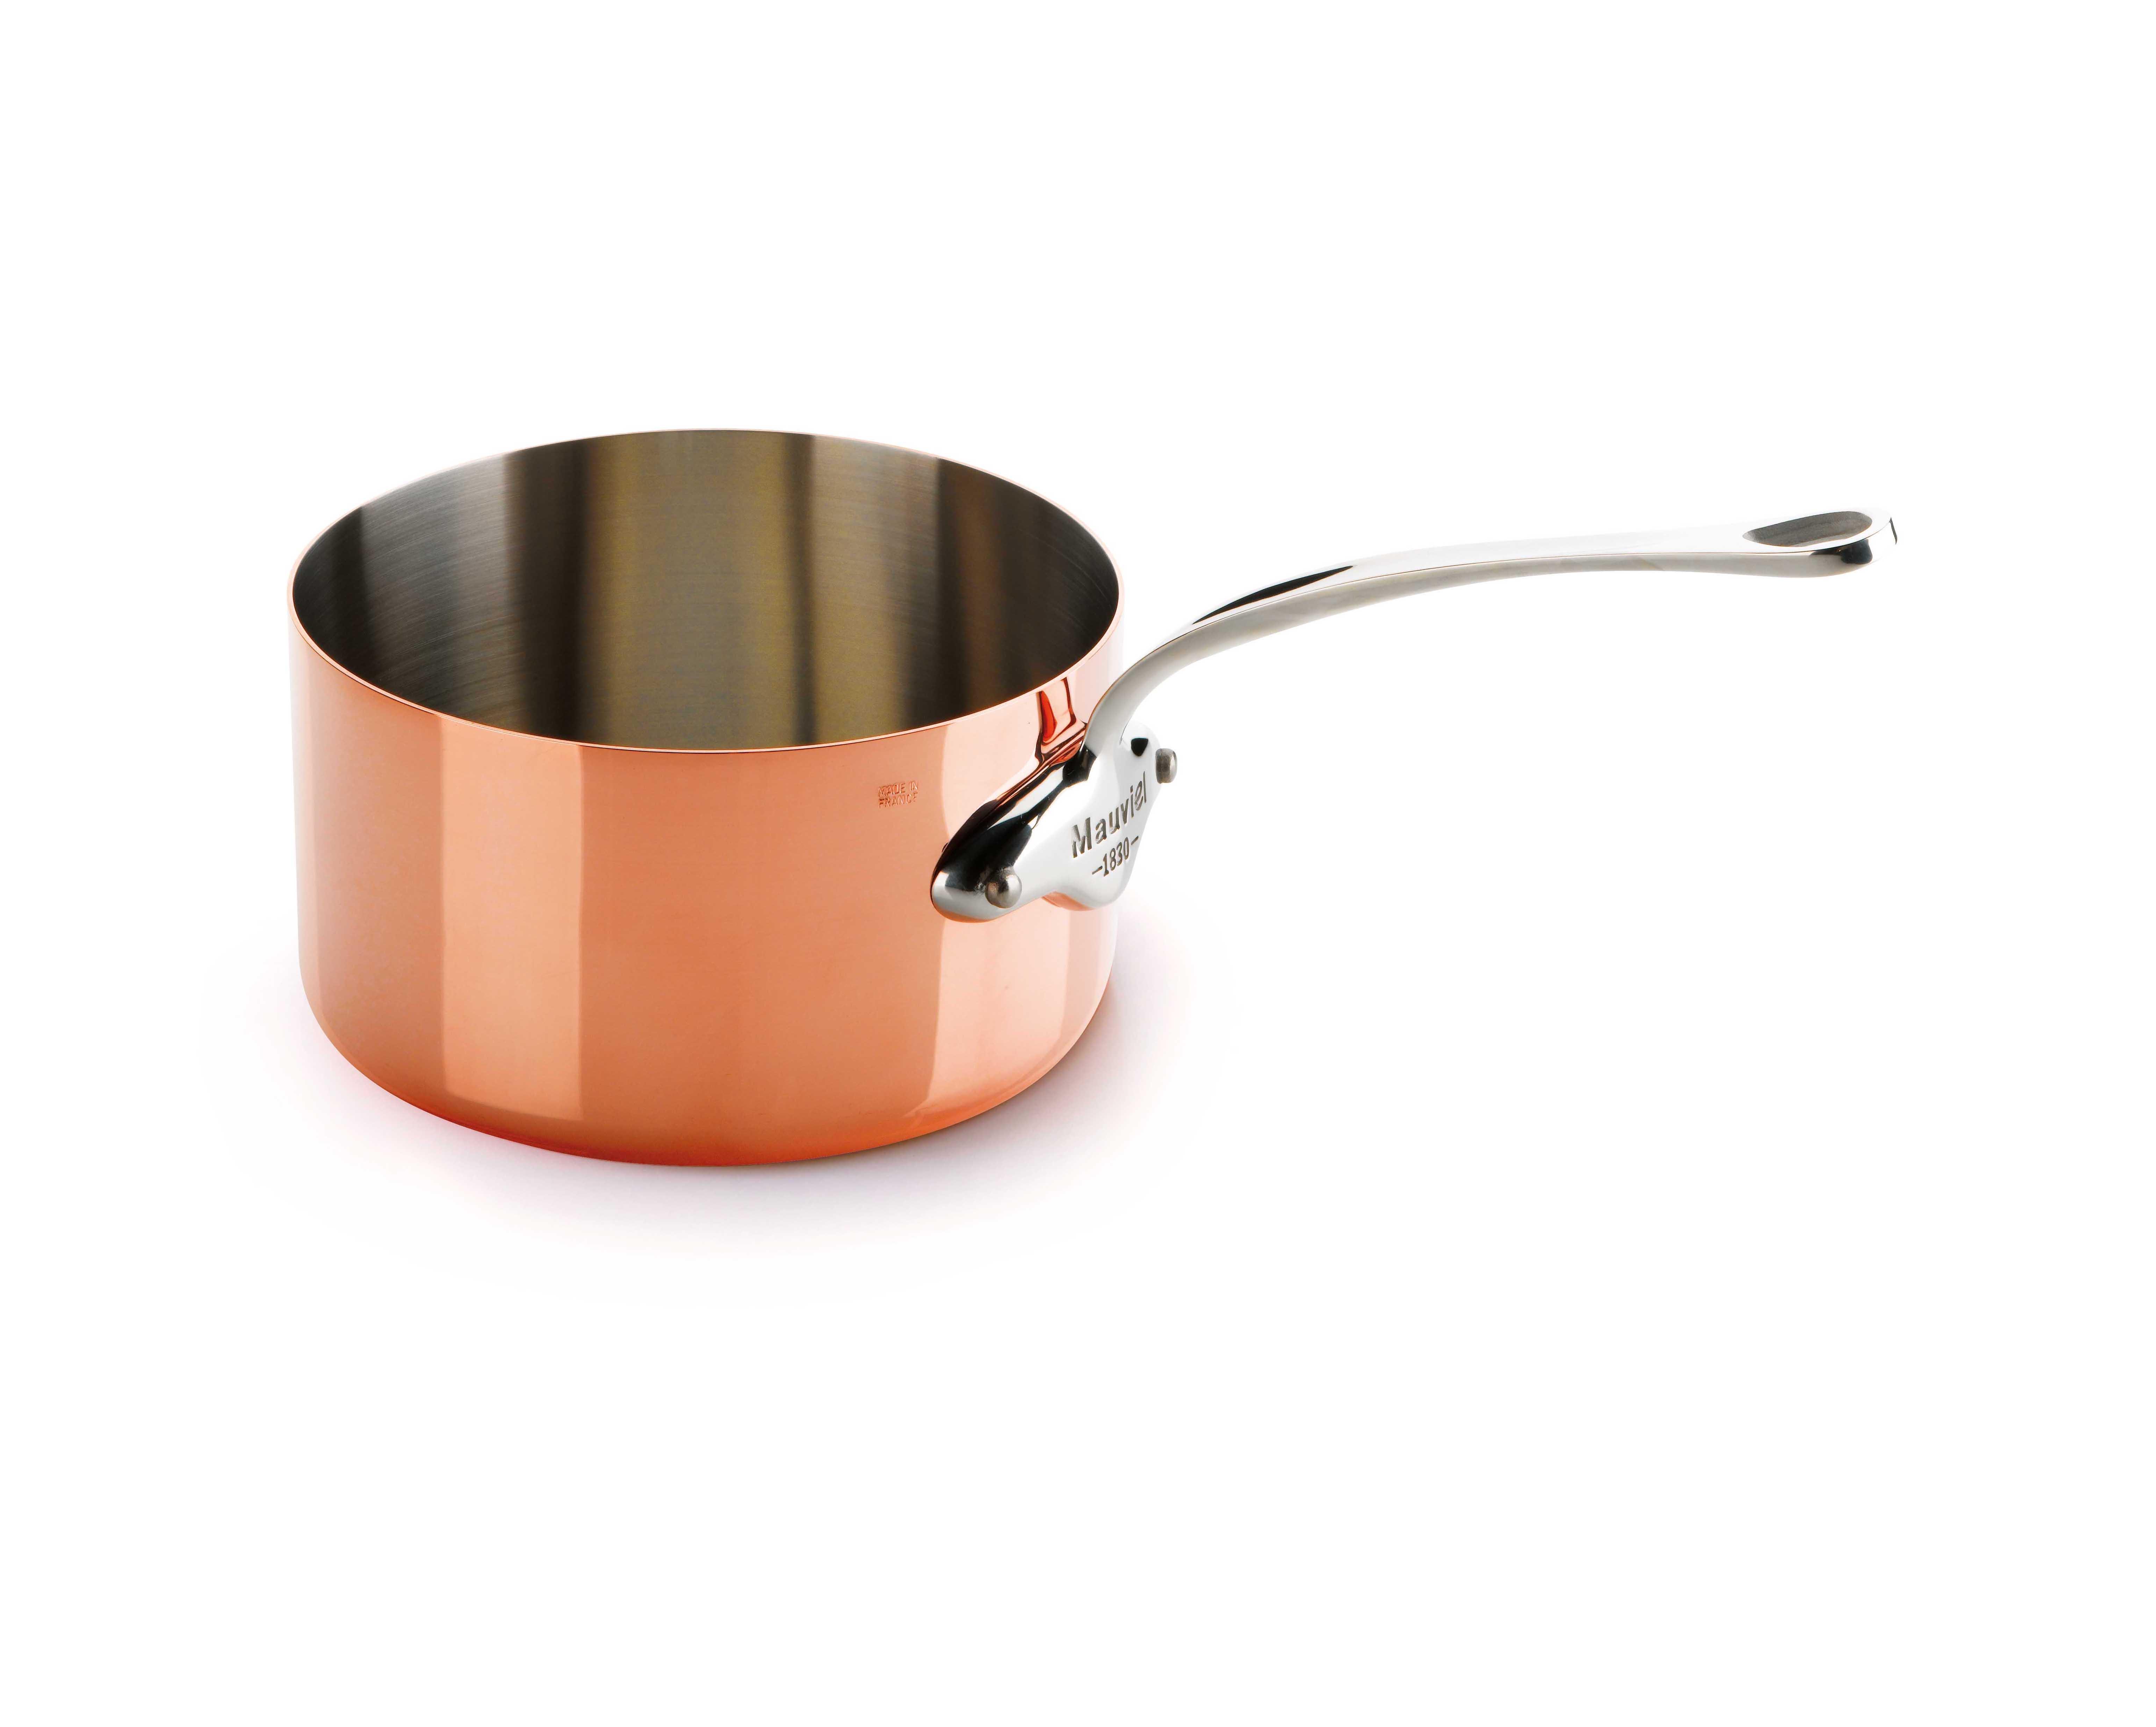 Mauviel M'150s kasserolle, 1,1 liter, kobber